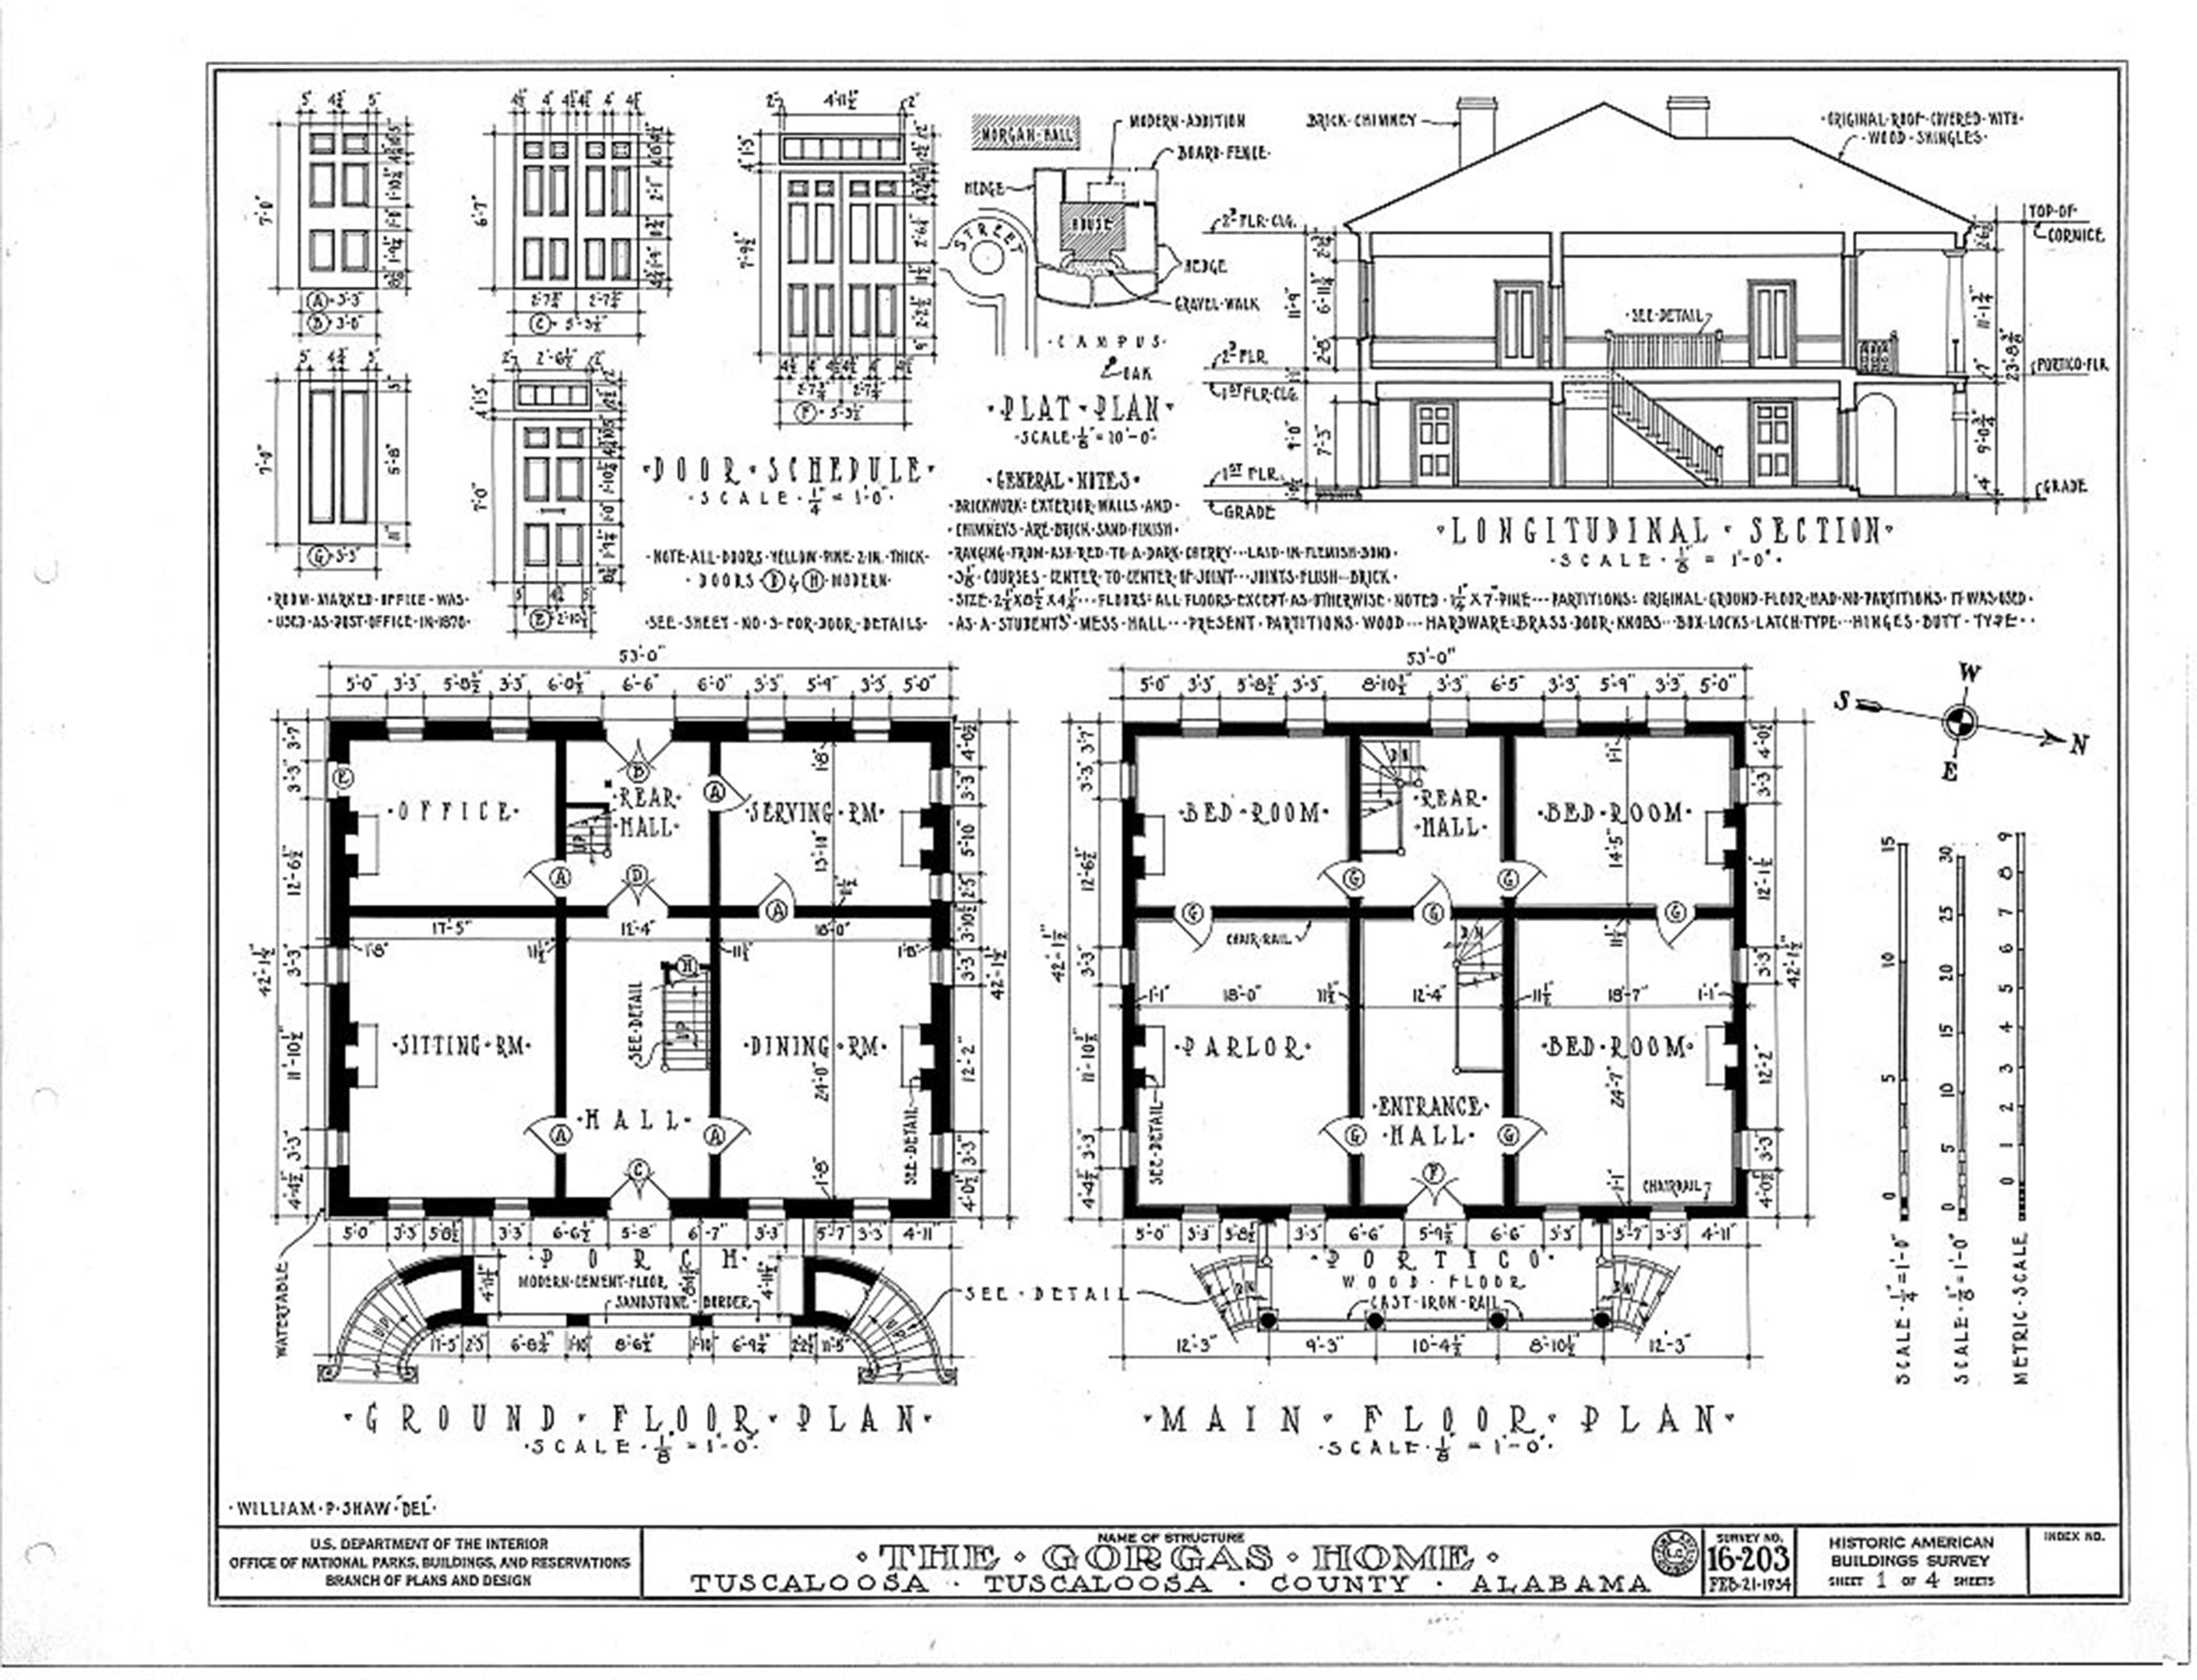 Interior Floor Plan Gorgas Alabama Architecture